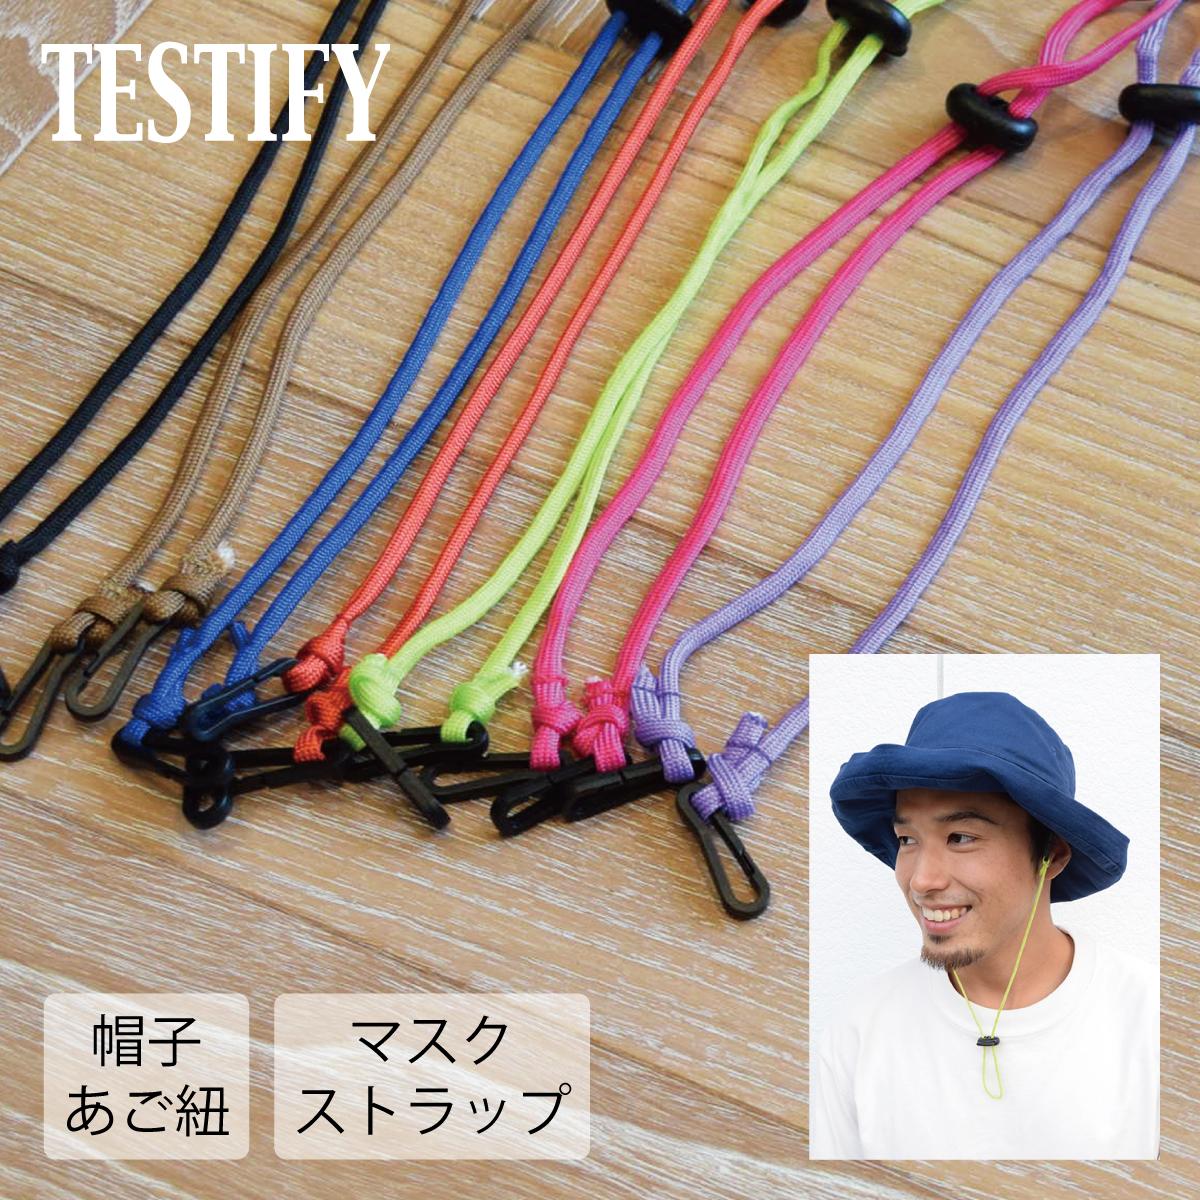 帽子用のあご紐、ストラップタイプで取付が簡単。マスクストラップにも。 【1,500円以上メール便送料無料Color String(TESTIFY) 帽子 あご紐 後付け フック 大人 子供 キッズ アジャスター アウトドア 取り外し 帽子の紐 首紐 メンズ レディース ハット キャップ マスクストラップ マスク紐